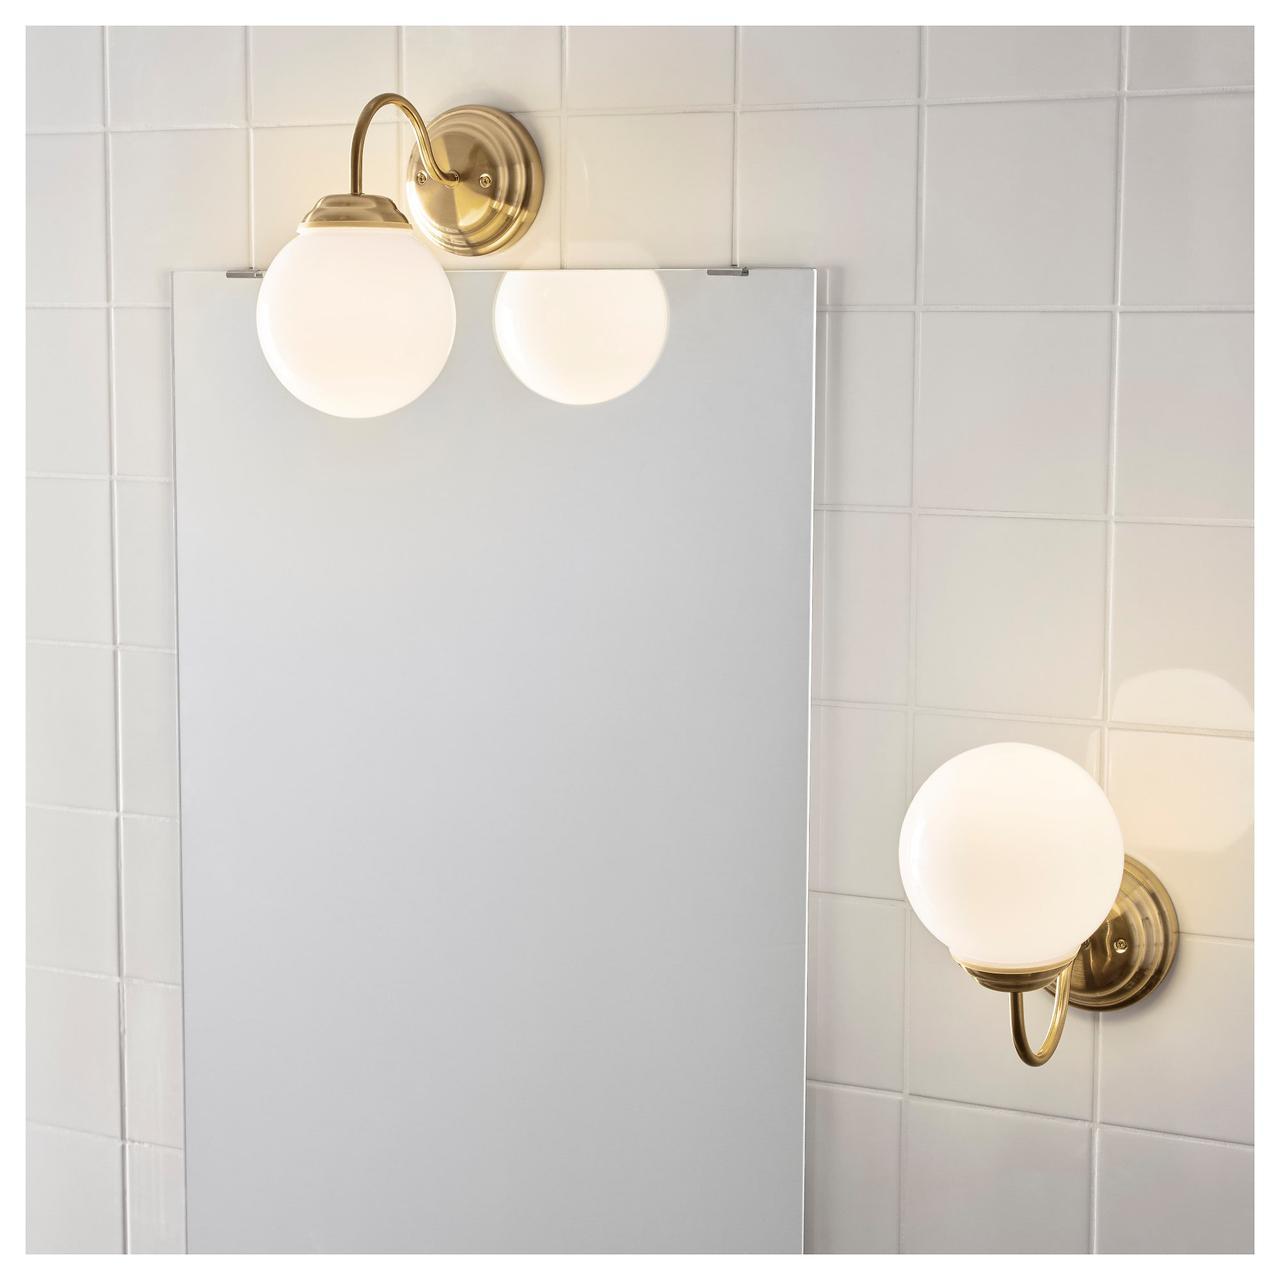 IKEA LILLHOLMEN (903 619 26) Настенный светильник, латунный цвет - Bigl ua